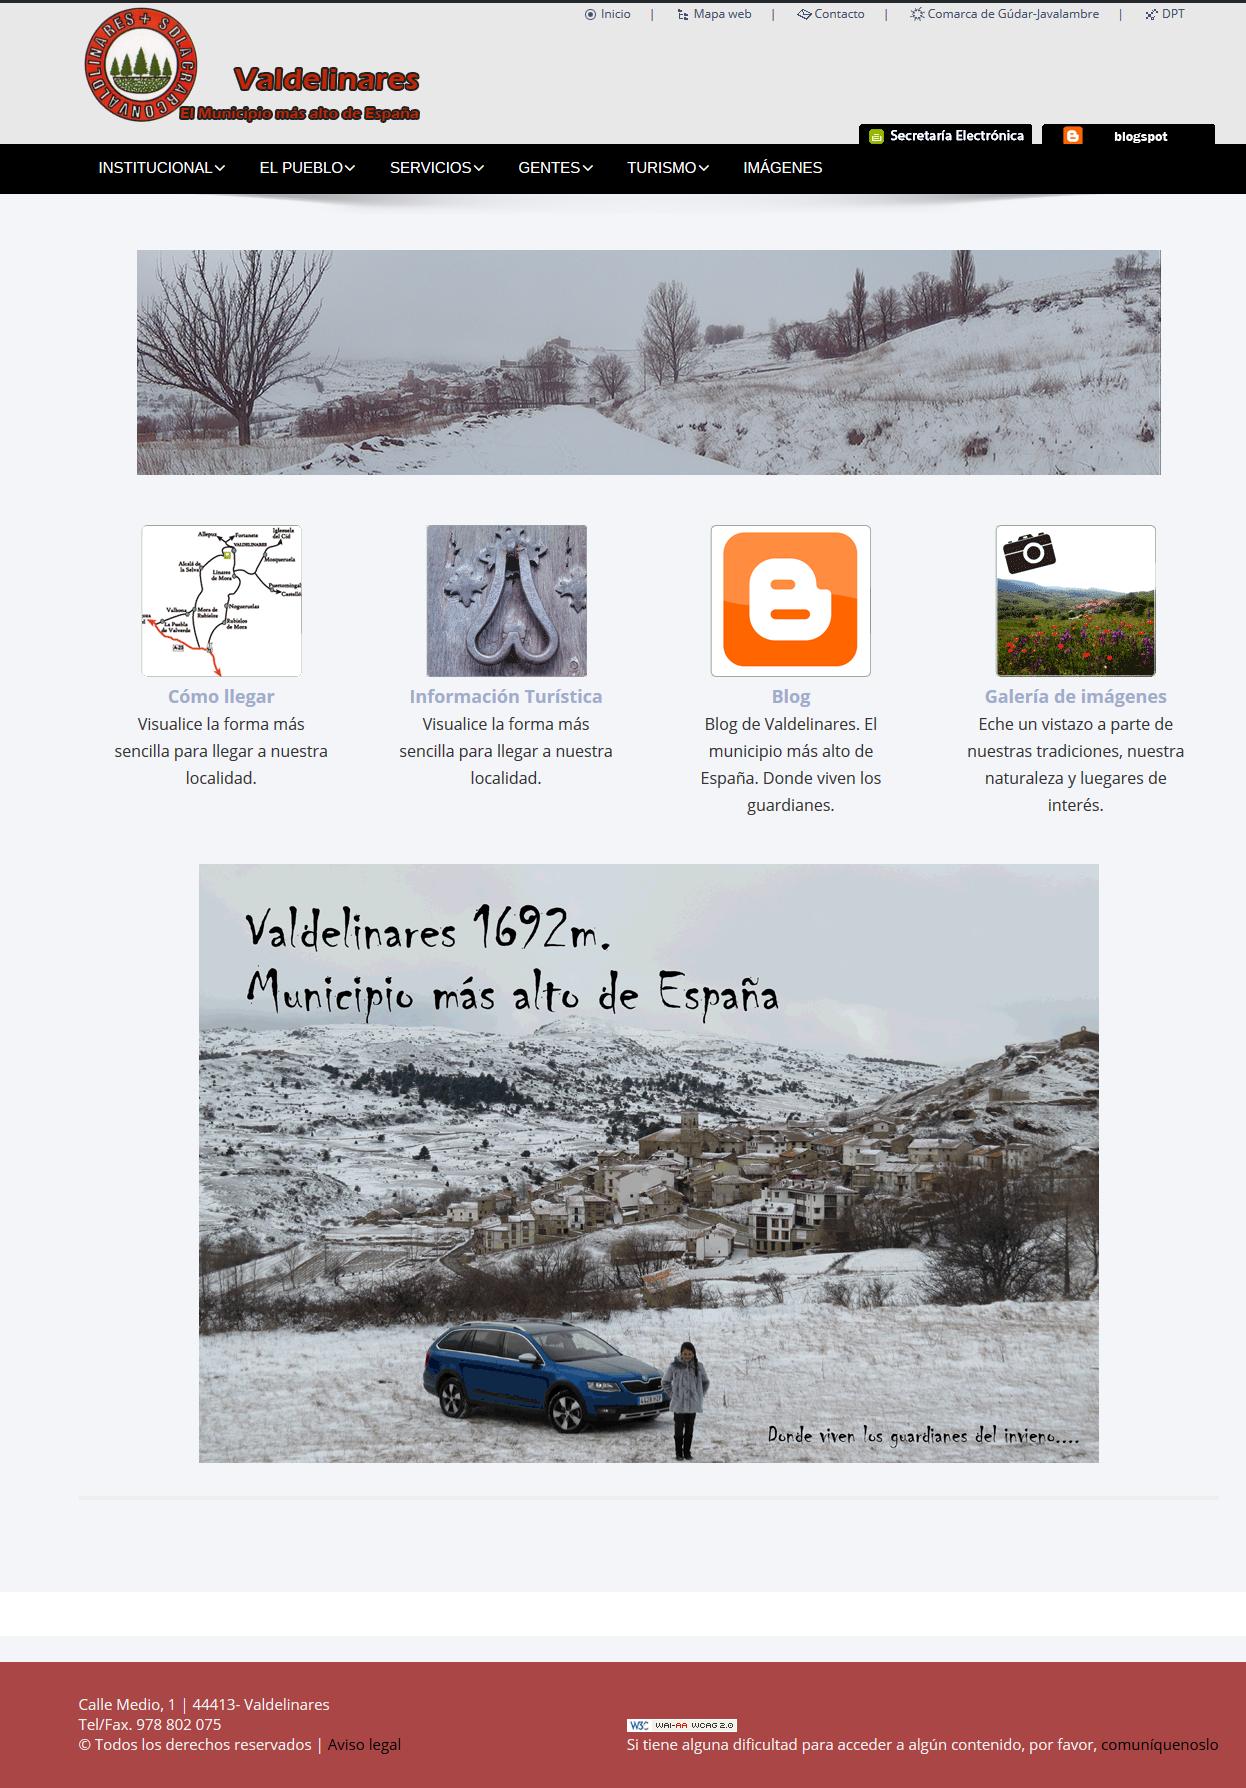 Nueva imagen de la web de Valdelinares